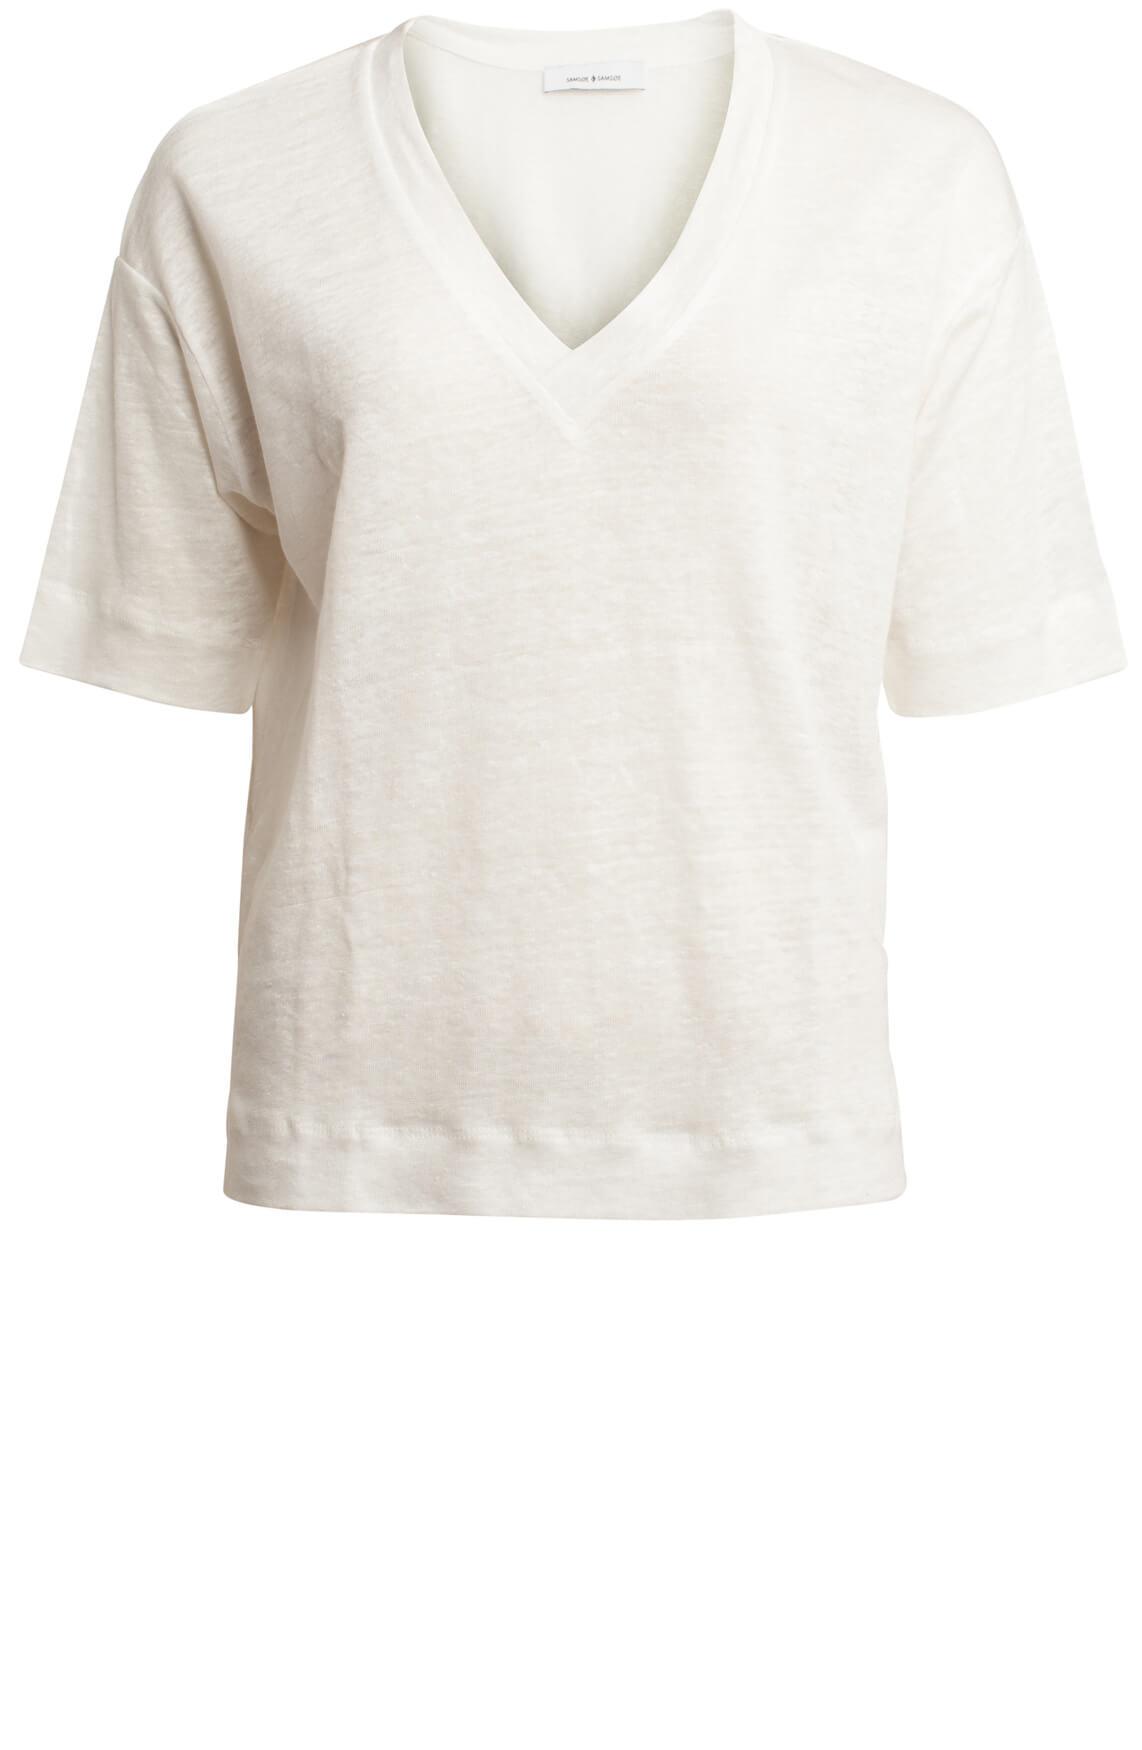 Samsoe Samsoe Dames Sania shirt wit wit